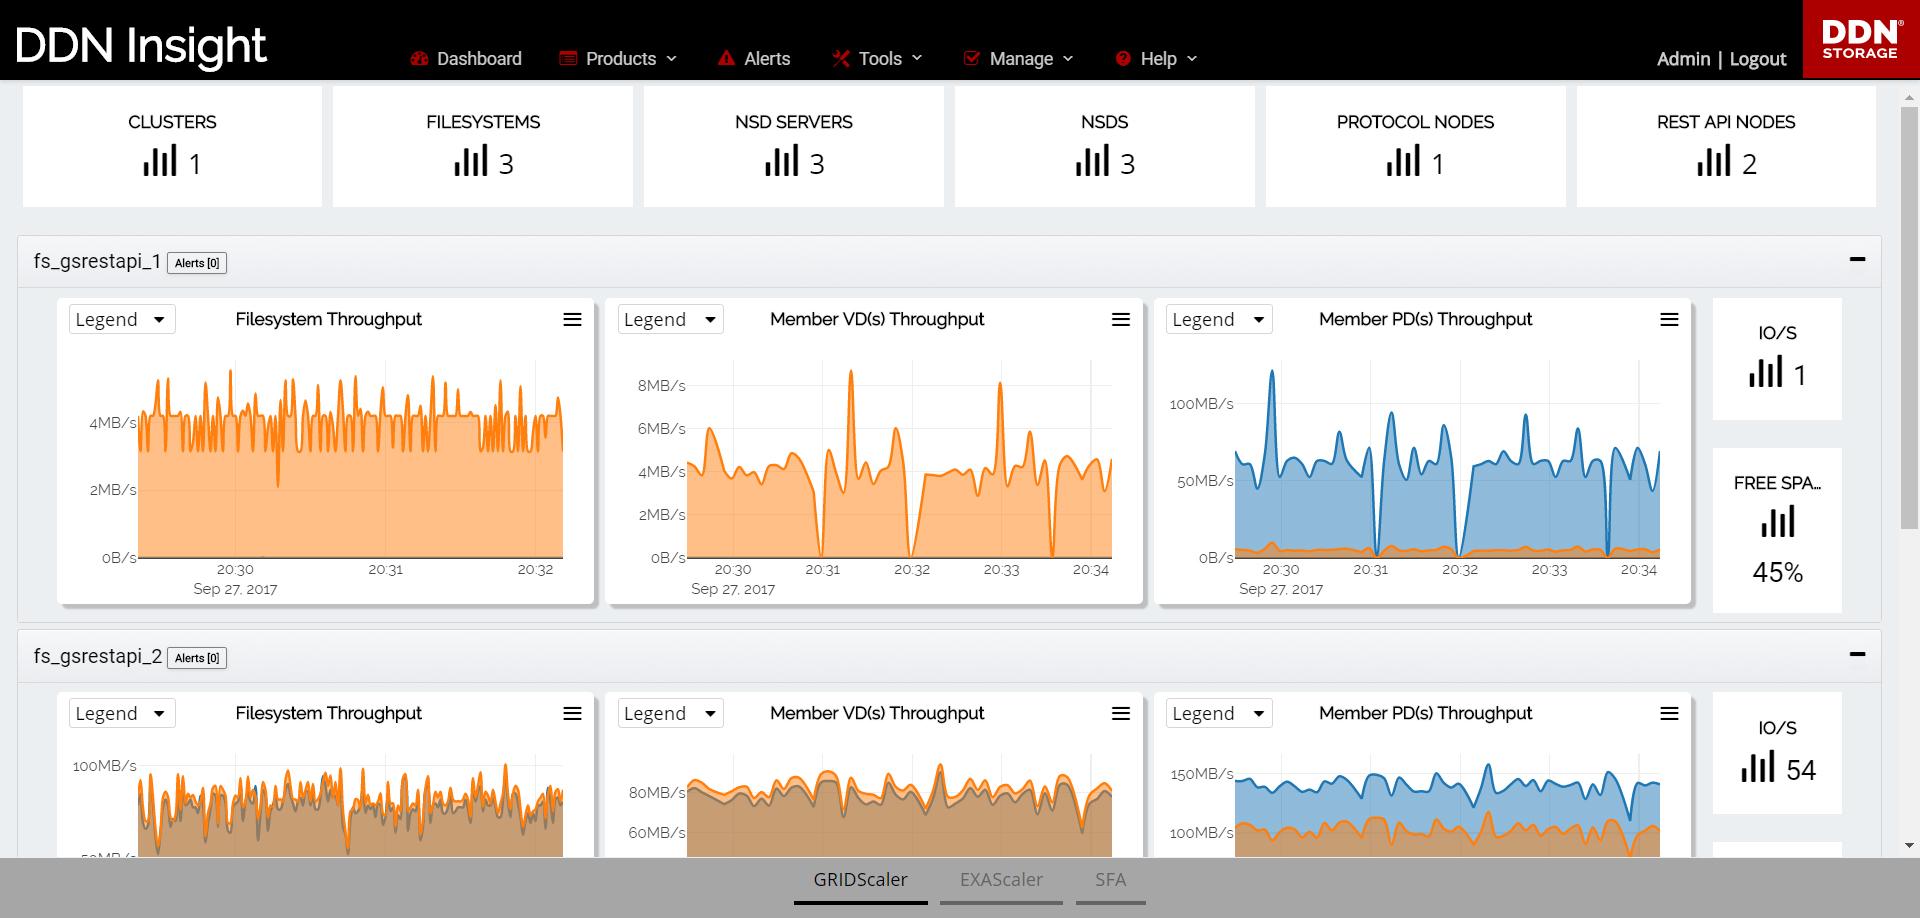 DDN、新たなソリューションと次世代型監視ツールで HPCストレージのリーダーシップを拡大